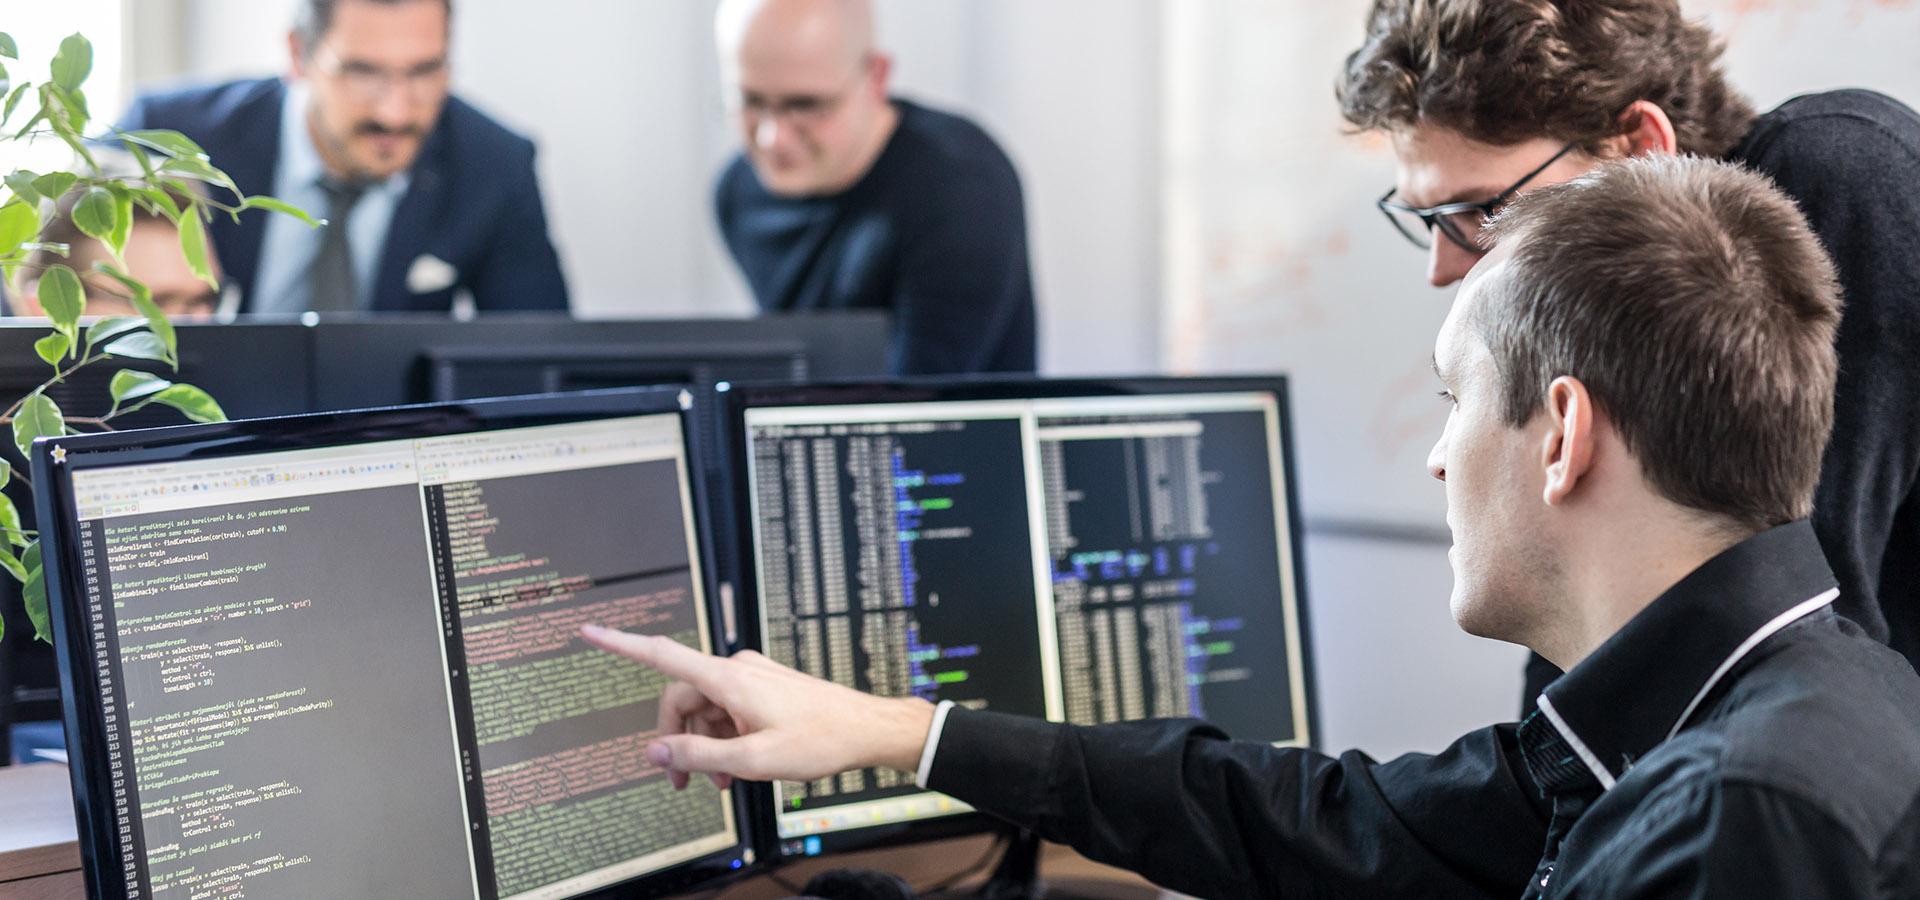 Эксперты проверят квалификацию и профессиональные навыки специалистов компании, занятых обработкой и хранением информации, обслуживанием оборудования.